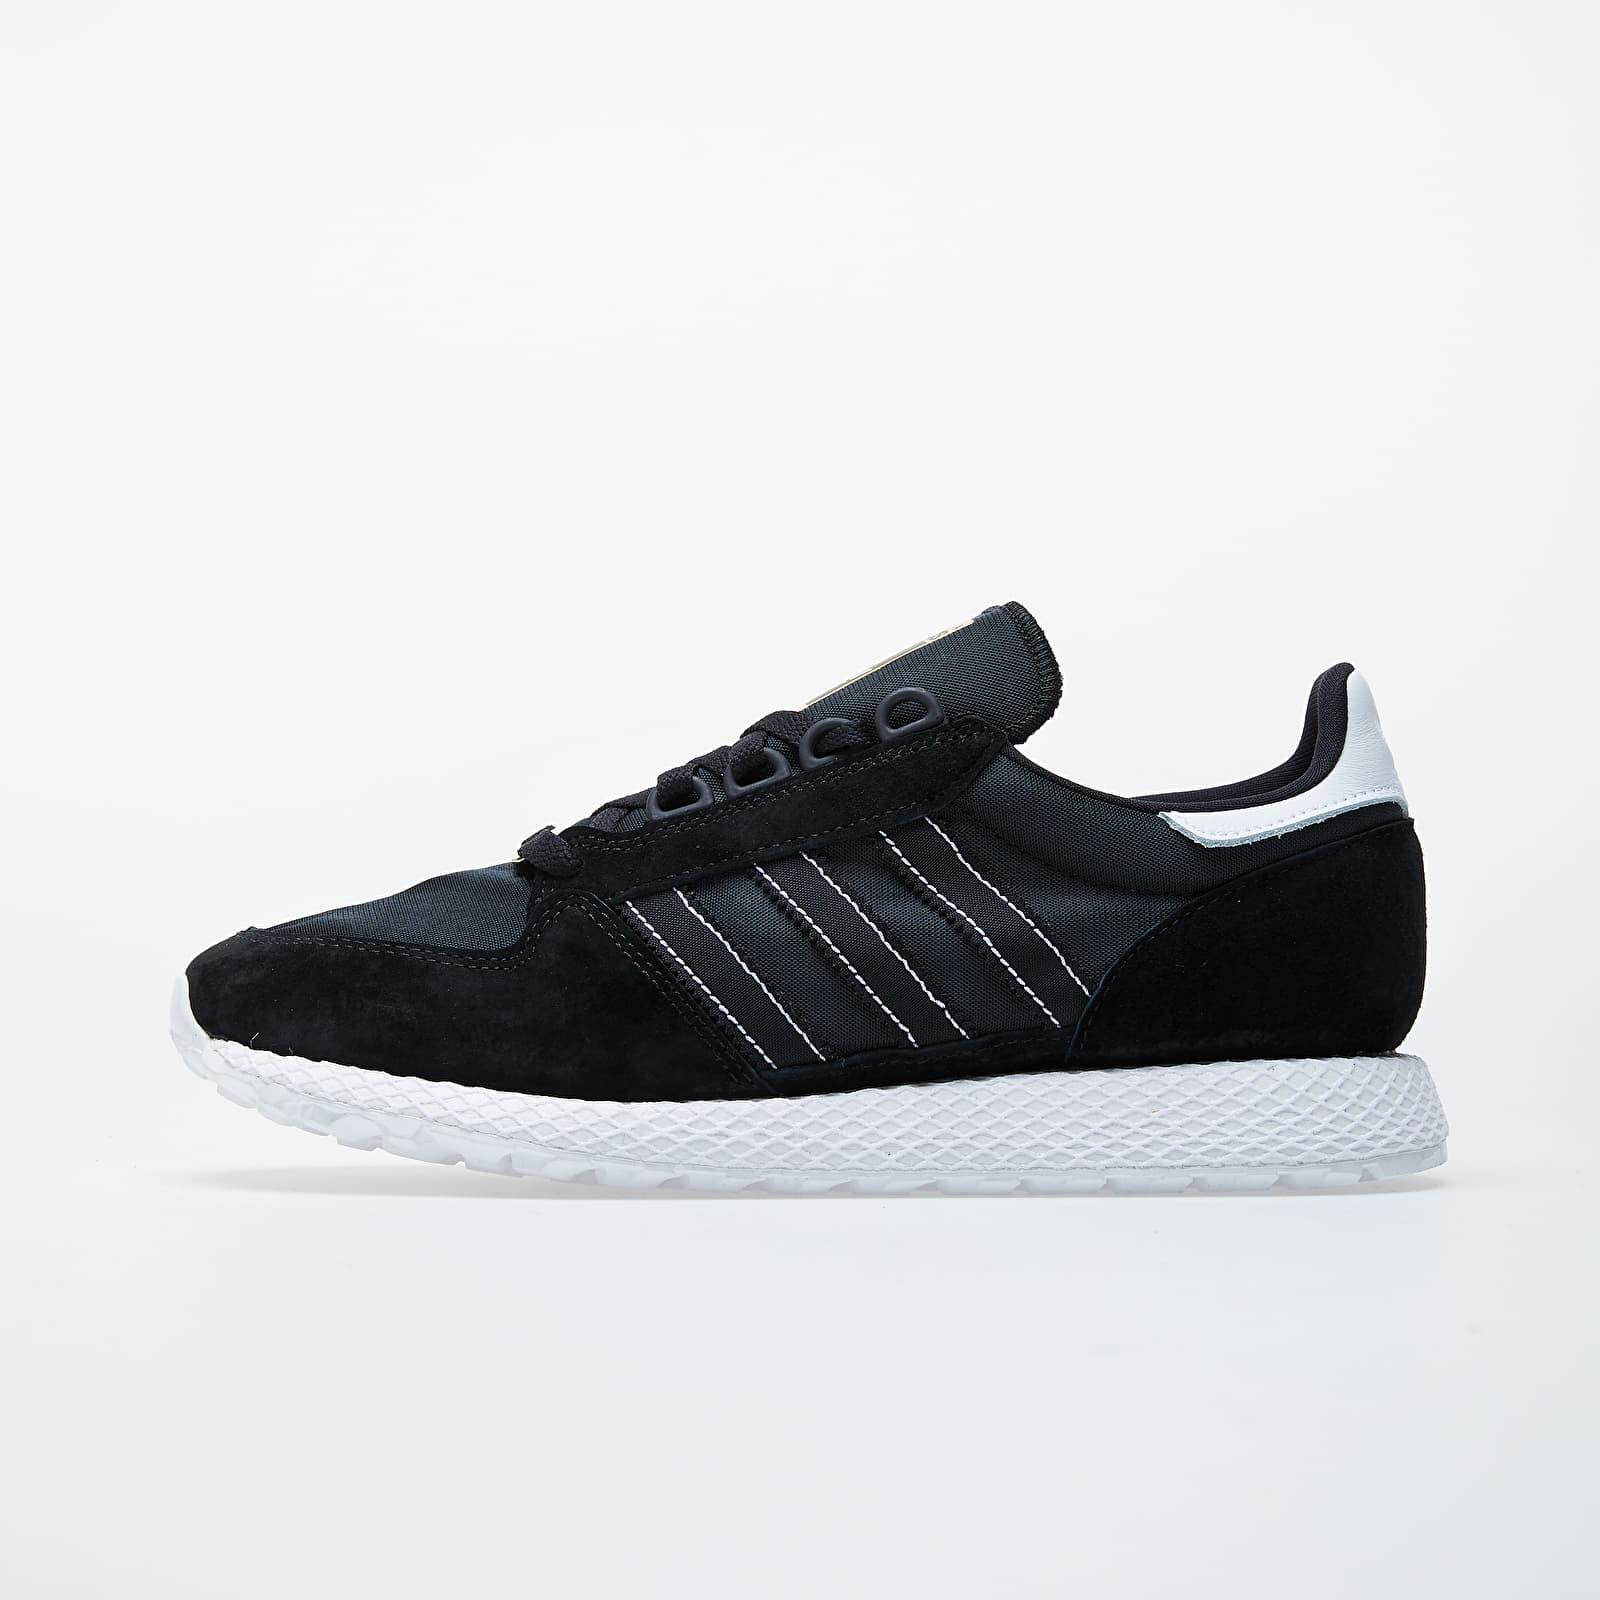 Scarpe e sneaker da uomo adidas Forest Grove Core Black/ Core Black/ Ftw White